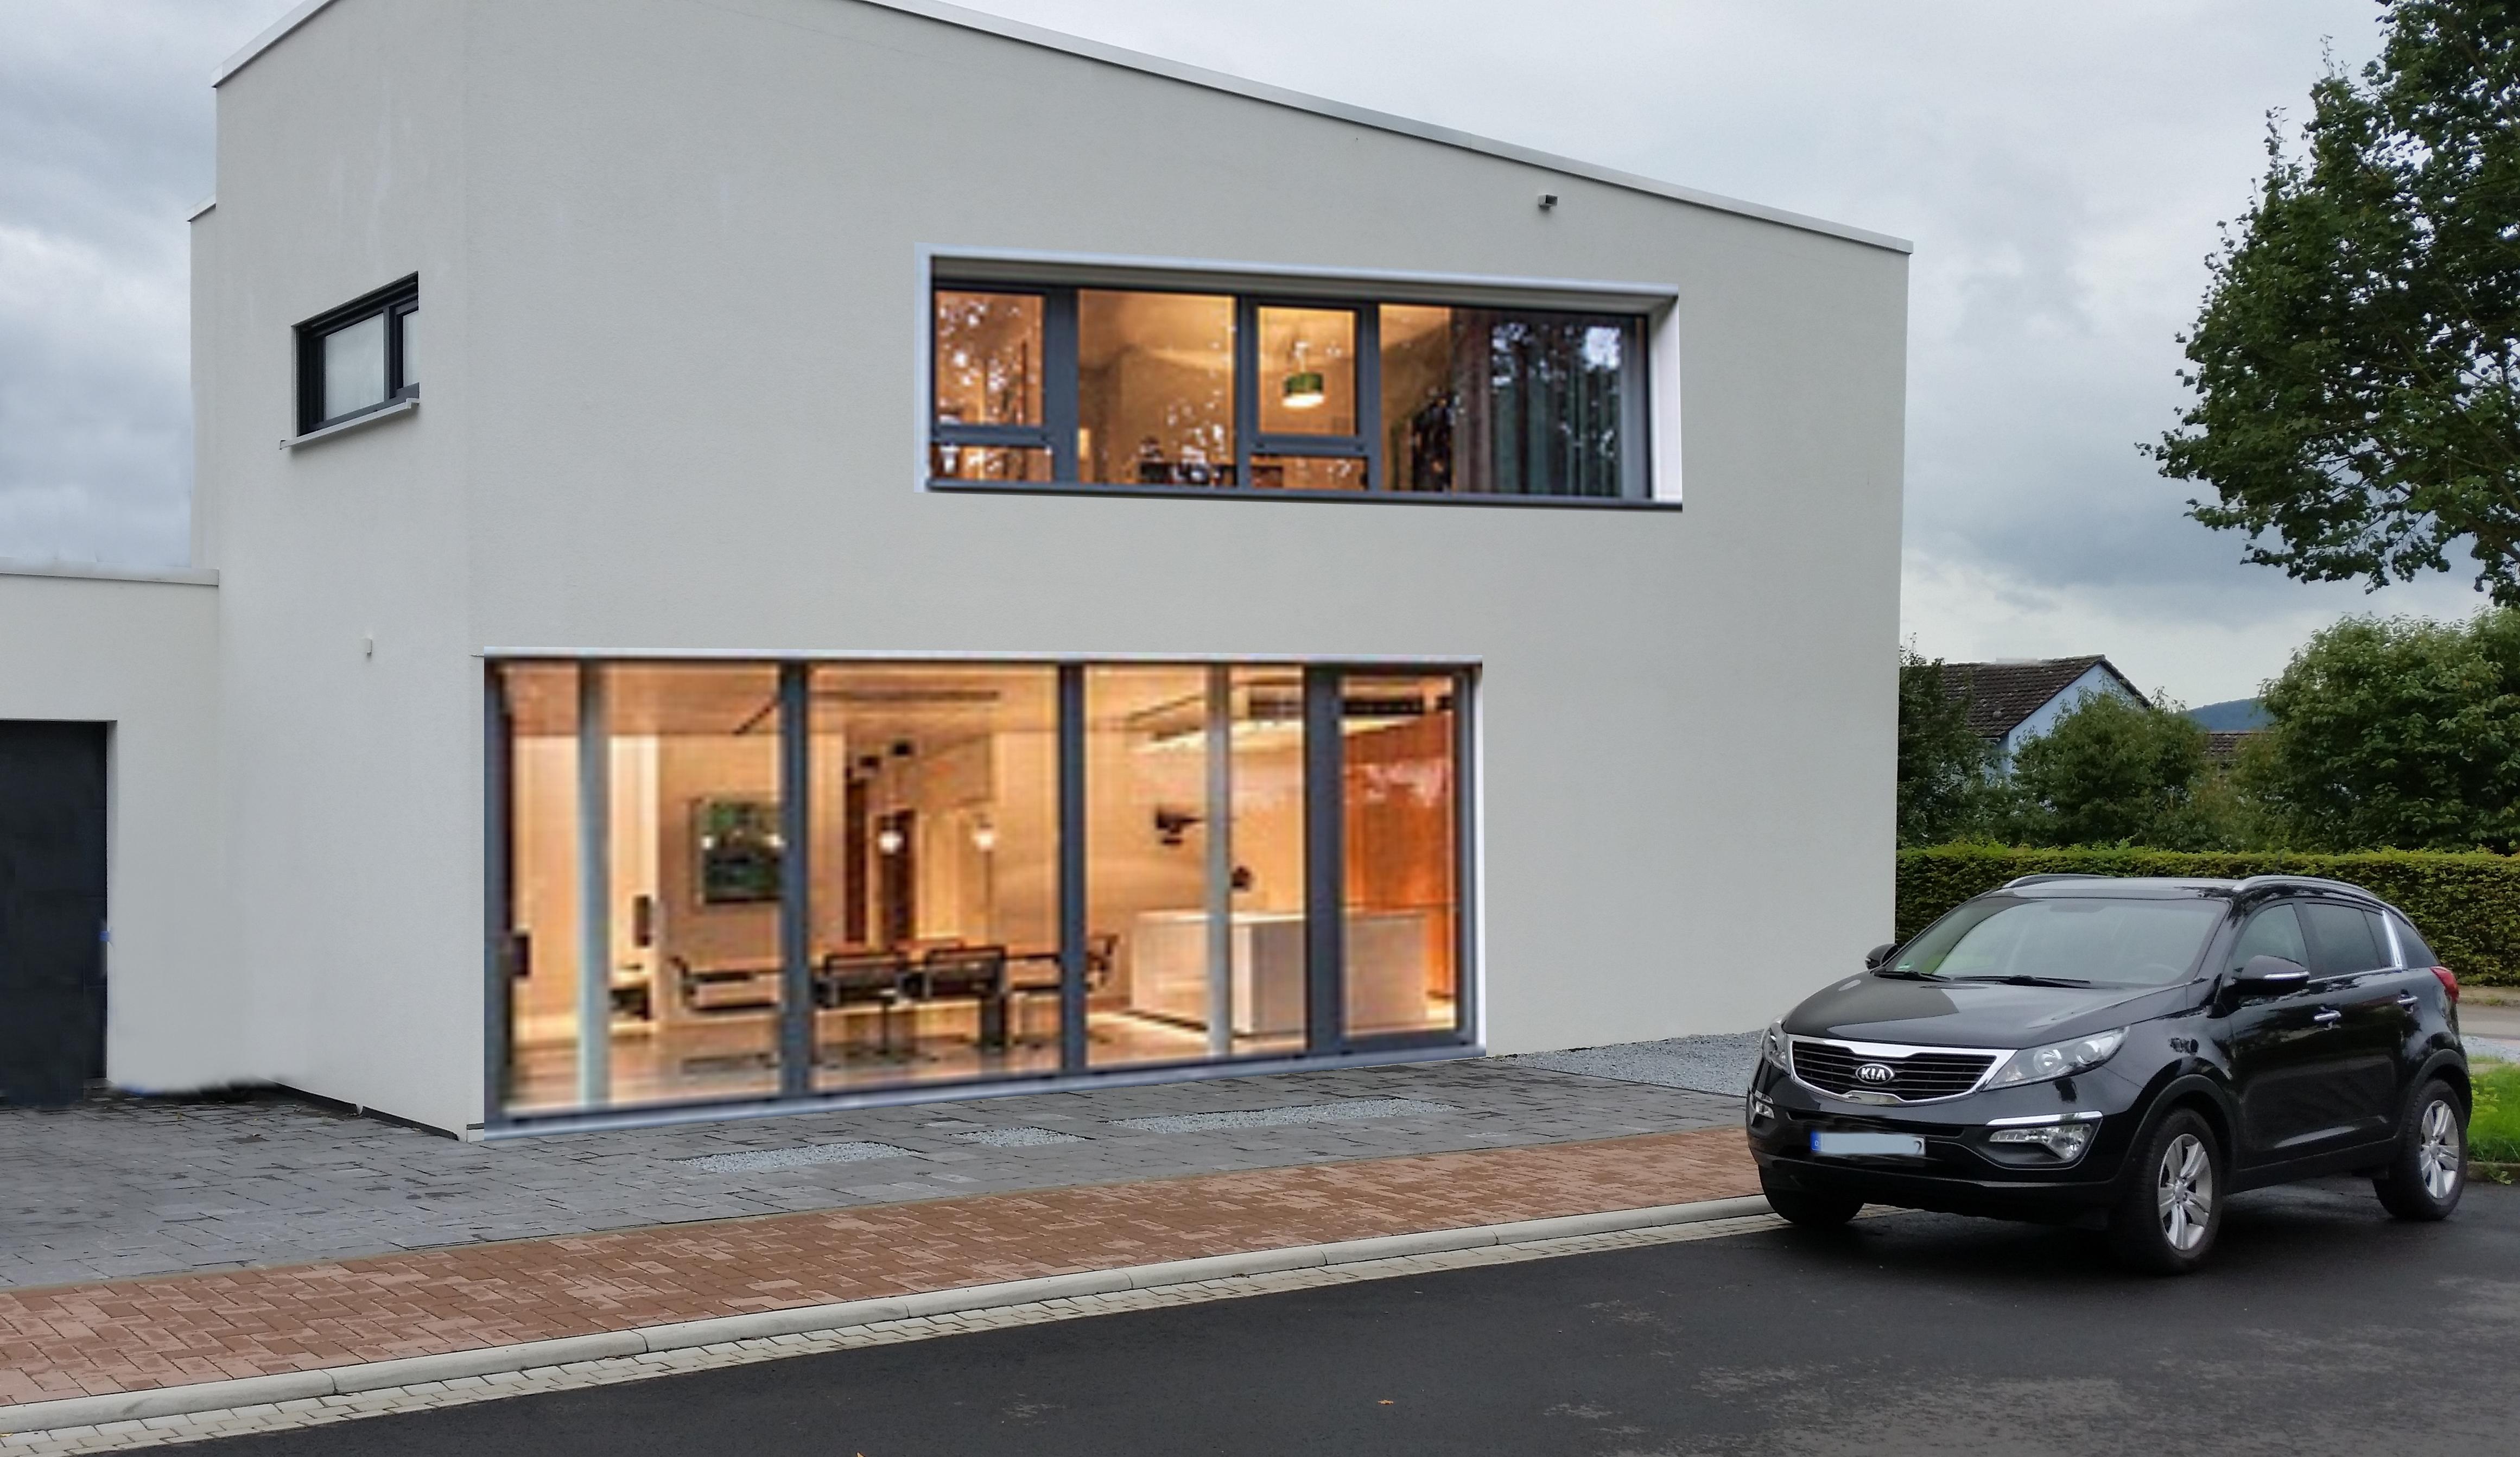 Modulhaus Ovi Haus Modulbau Wohn Container Mobiles Wohnen Suchen